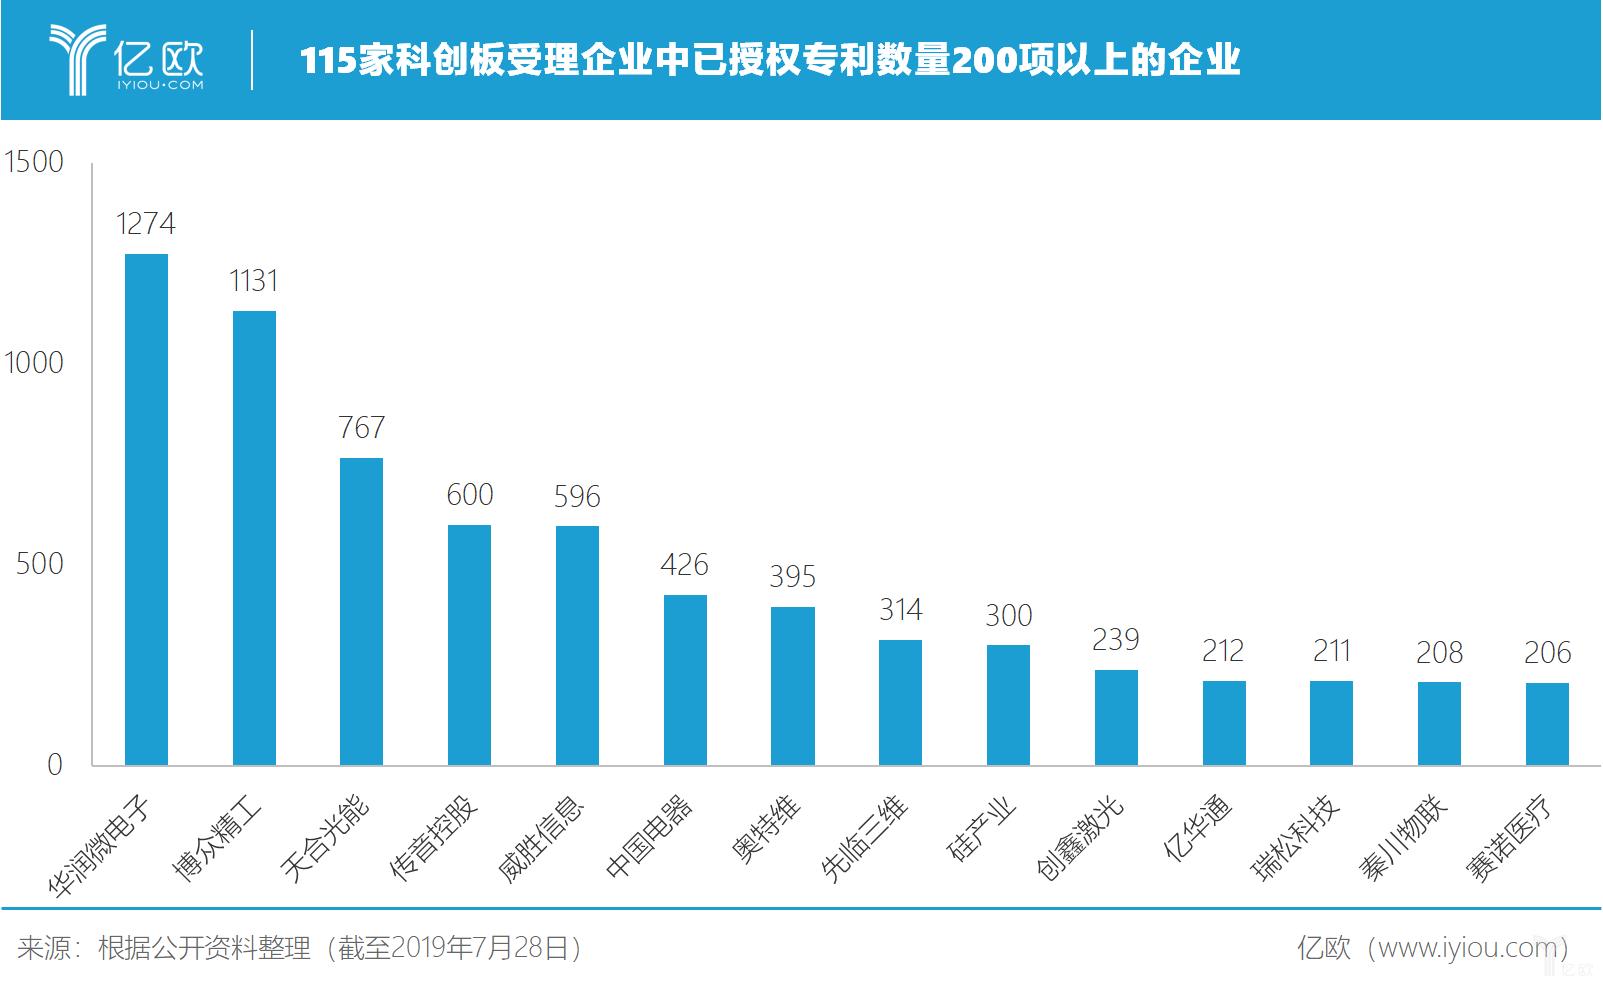 亿欧智库:115家科创板受理企业中已授权专利数量200项以上的企业